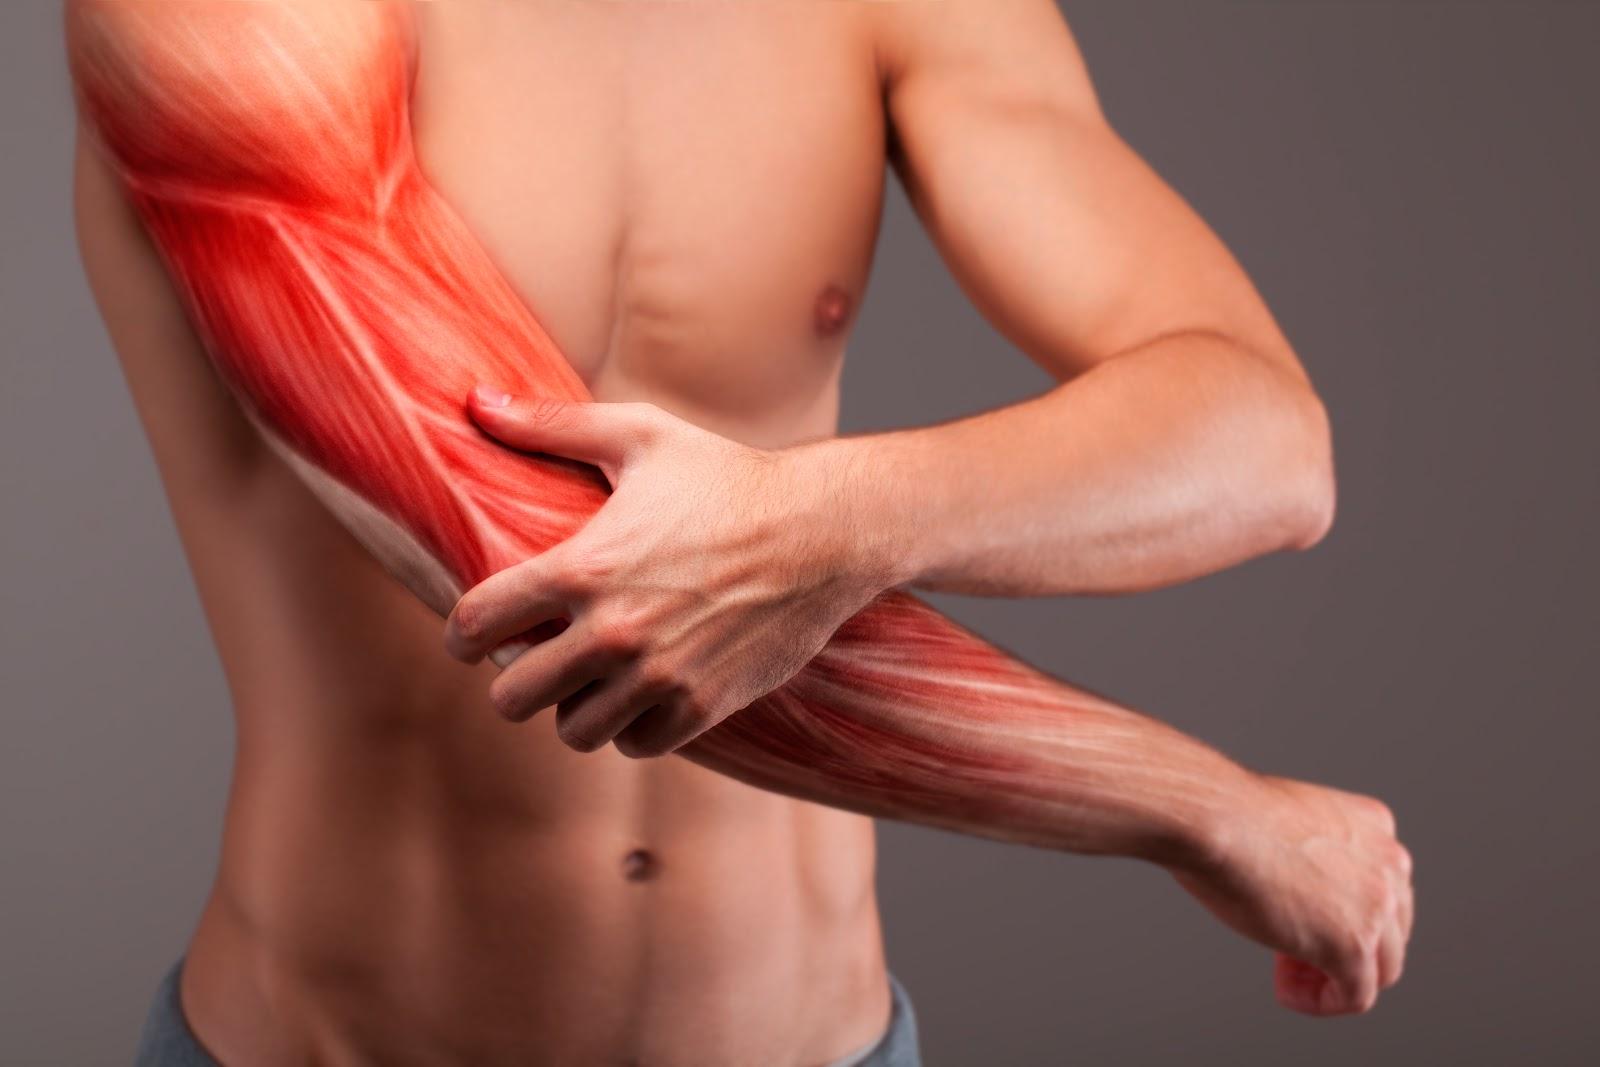 depresie și durere în mușchi și articulații lichid în tratamentul medicamentos al articulațiilor genunchiului